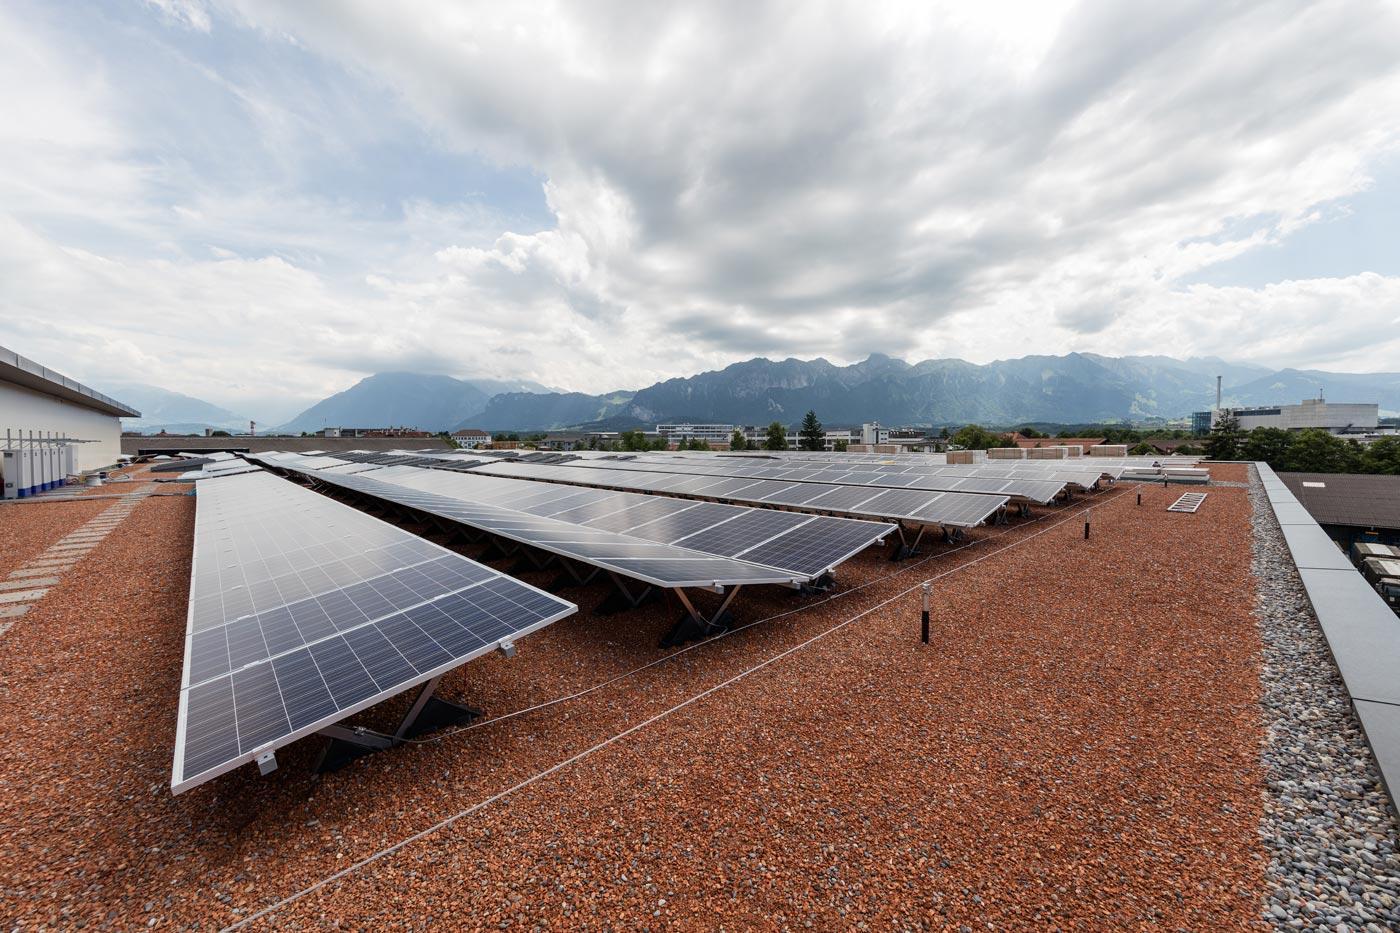 photovoltaik, sonnenkollektoren, flachdach, spenglerarbeiten, dach begrünt, blitzschutz